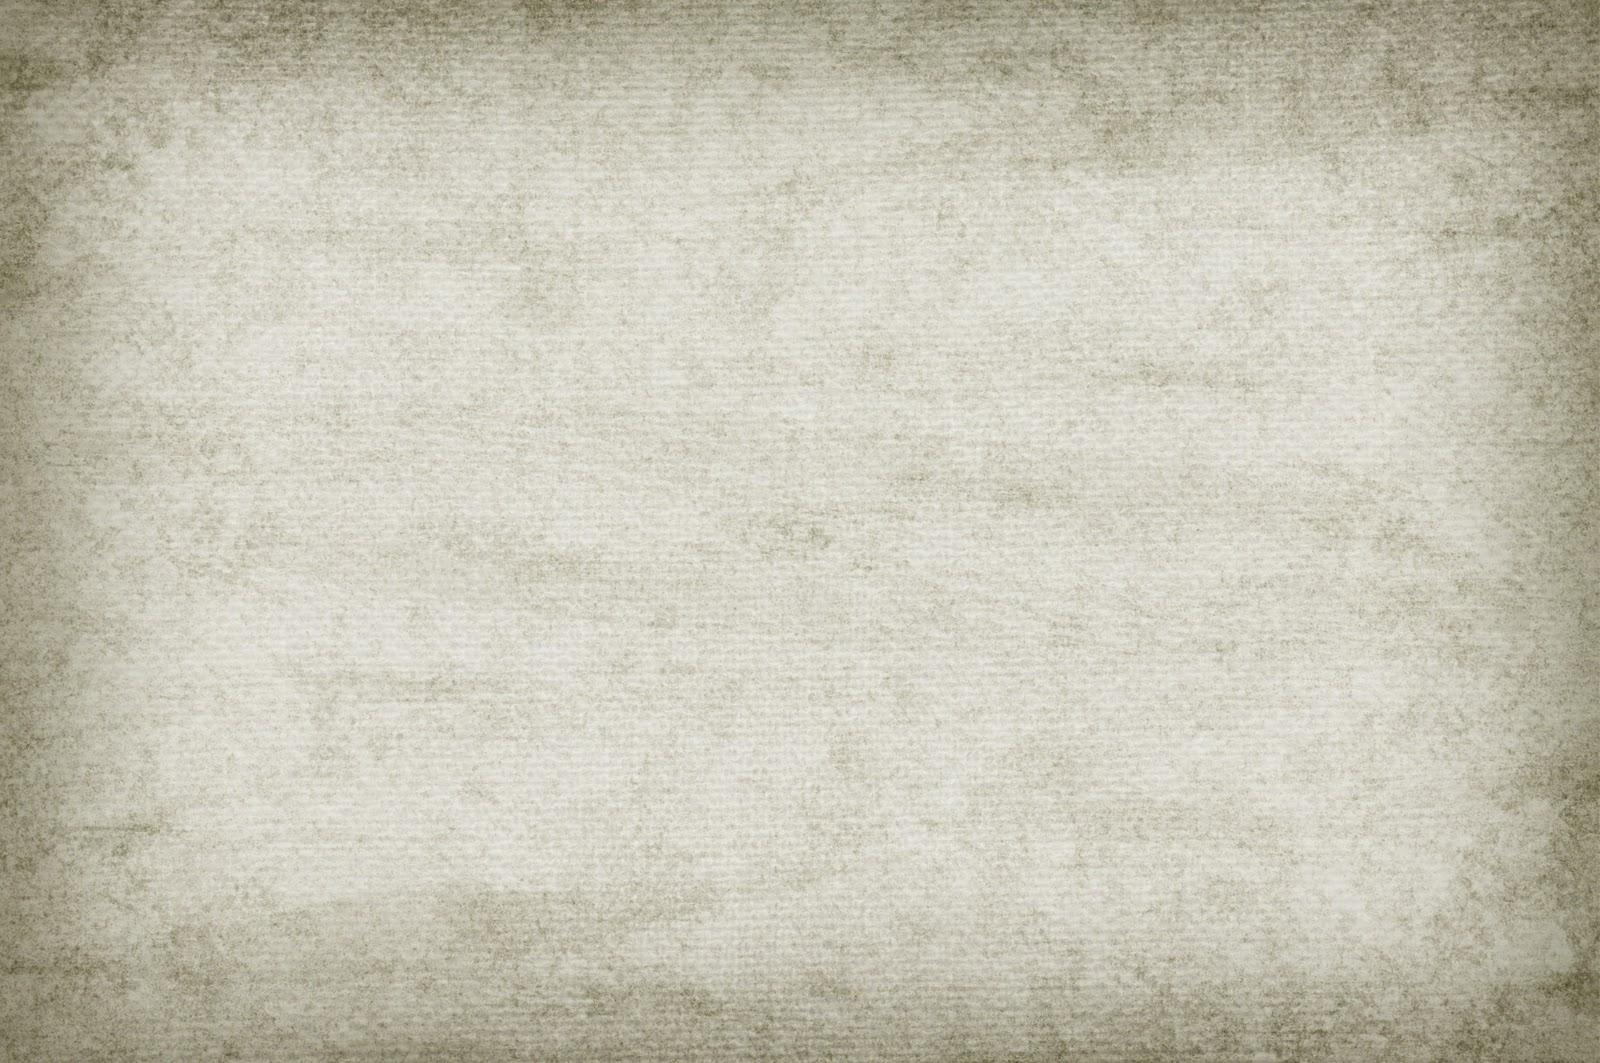 Texture Rough Paper